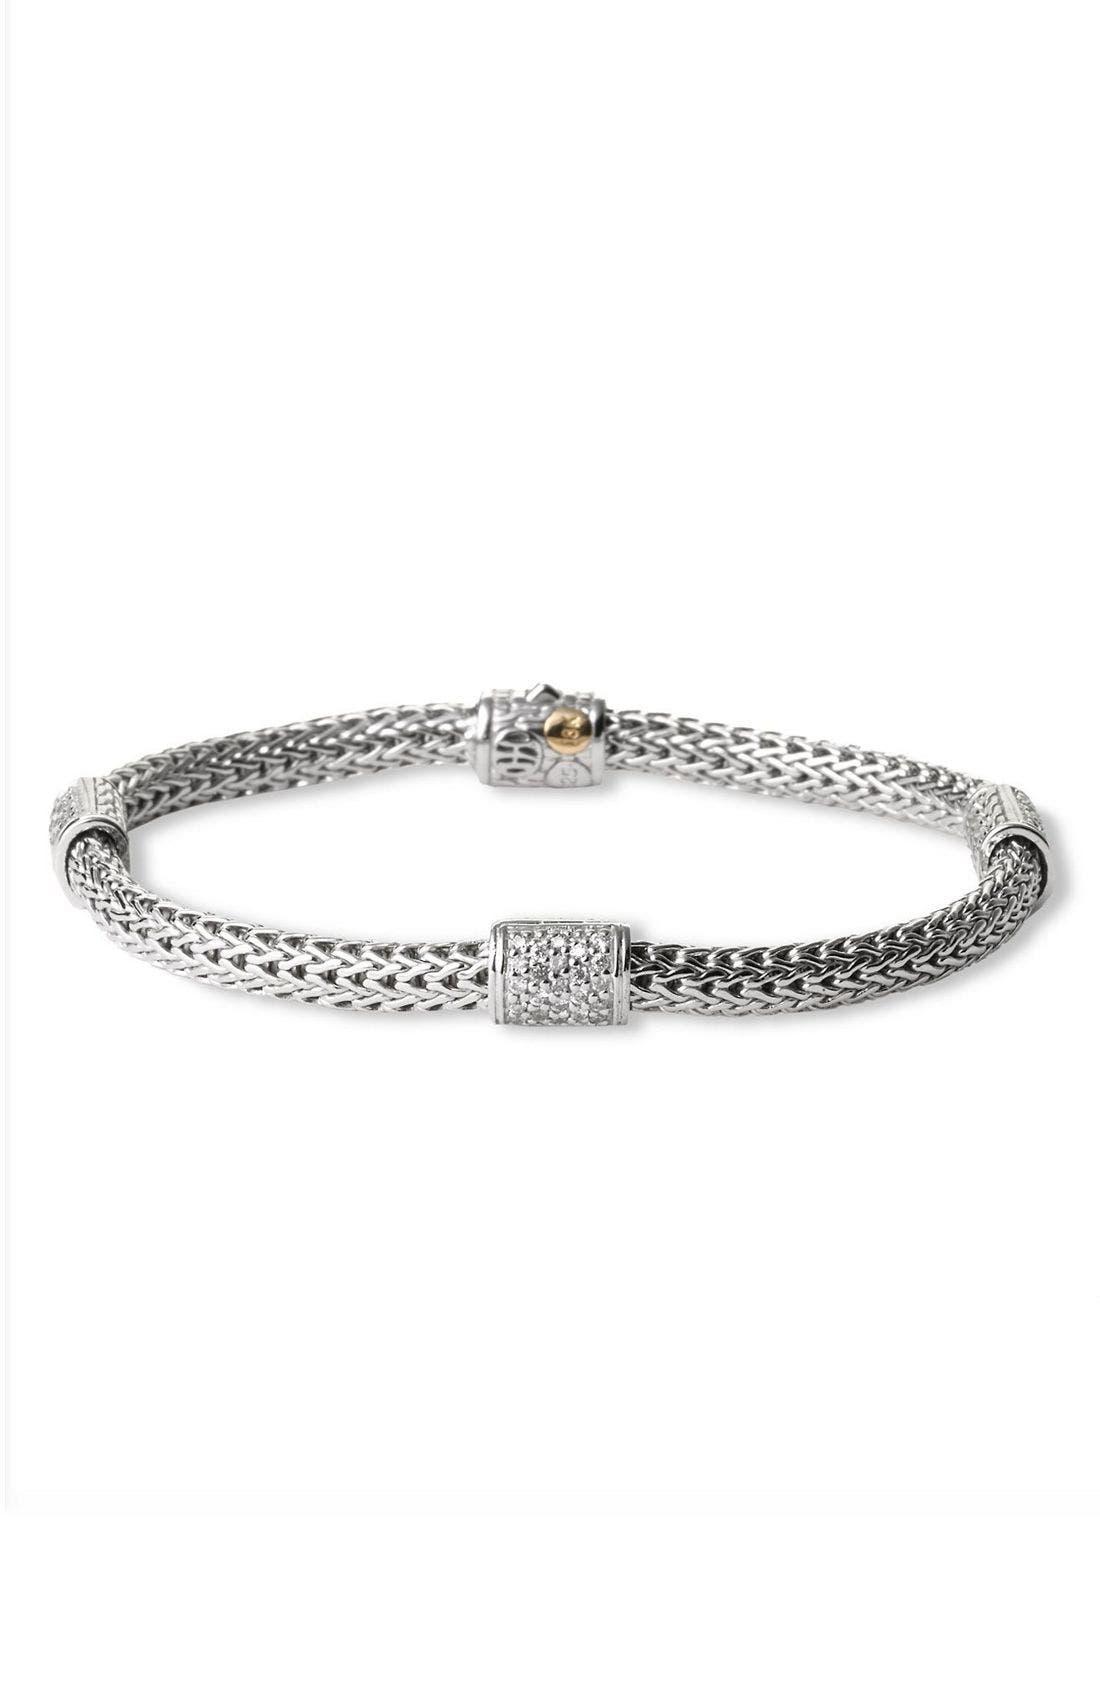 'Classic Chain' Pavé Diamond Station Bracelet,                             Main thumbnail 1, color,                             SILVER